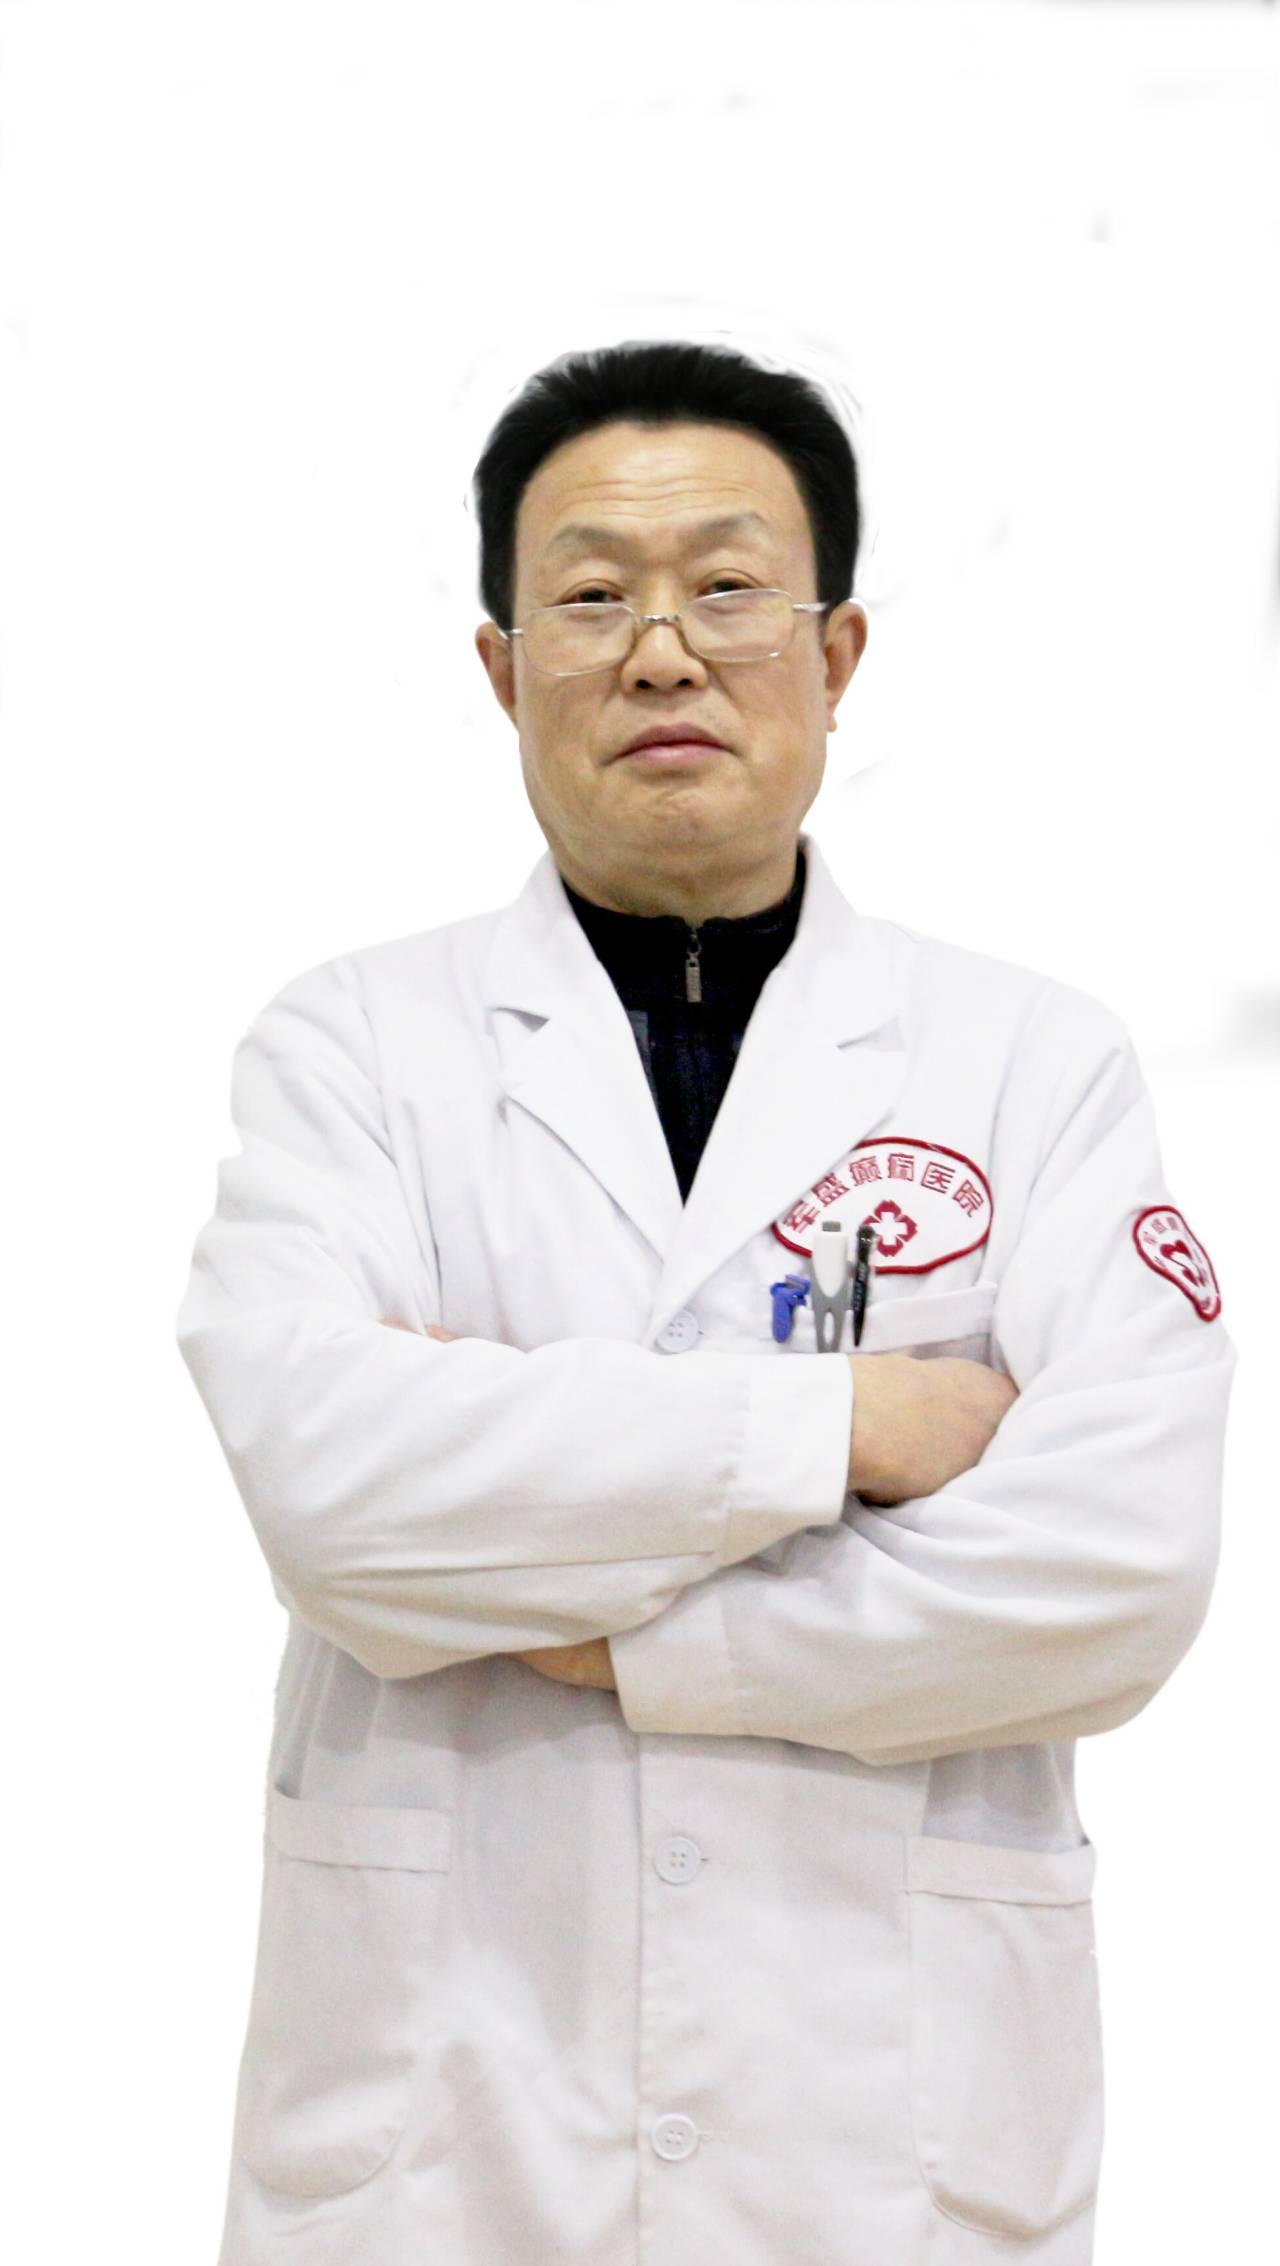 廖贵金  中医主治医师